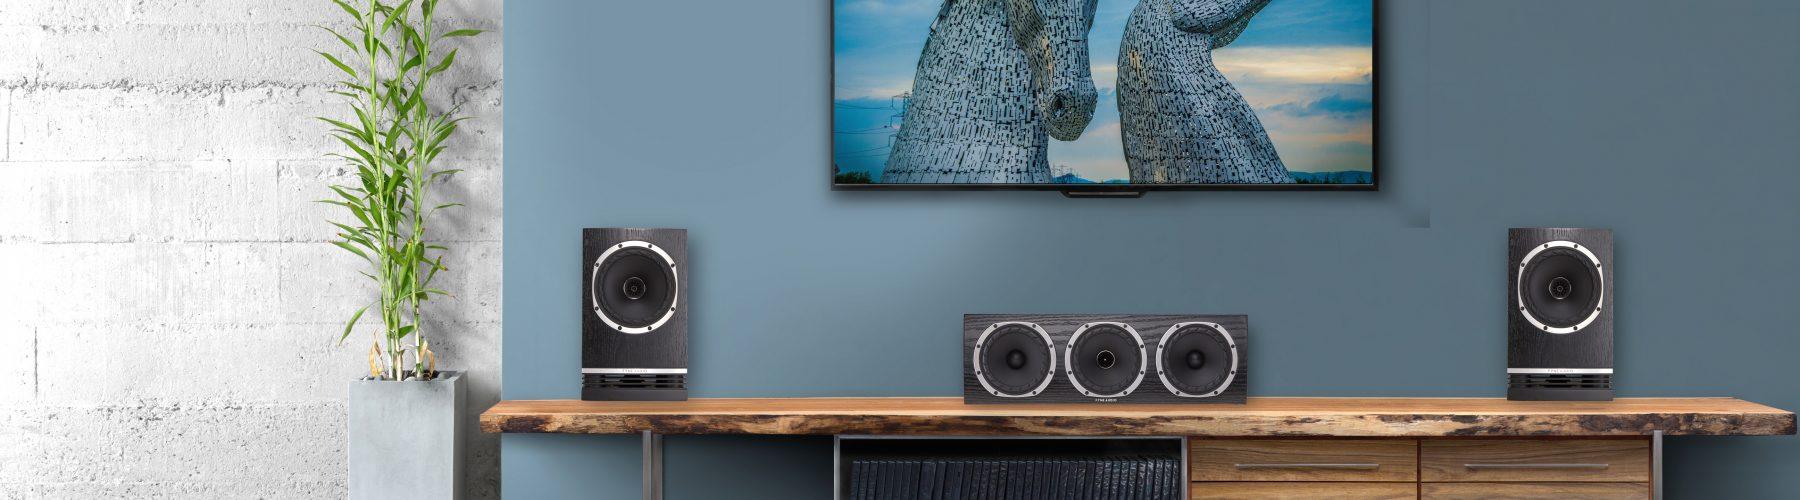 Fyne Audio Speakers | Audio Venue Fyne Audio Speakers